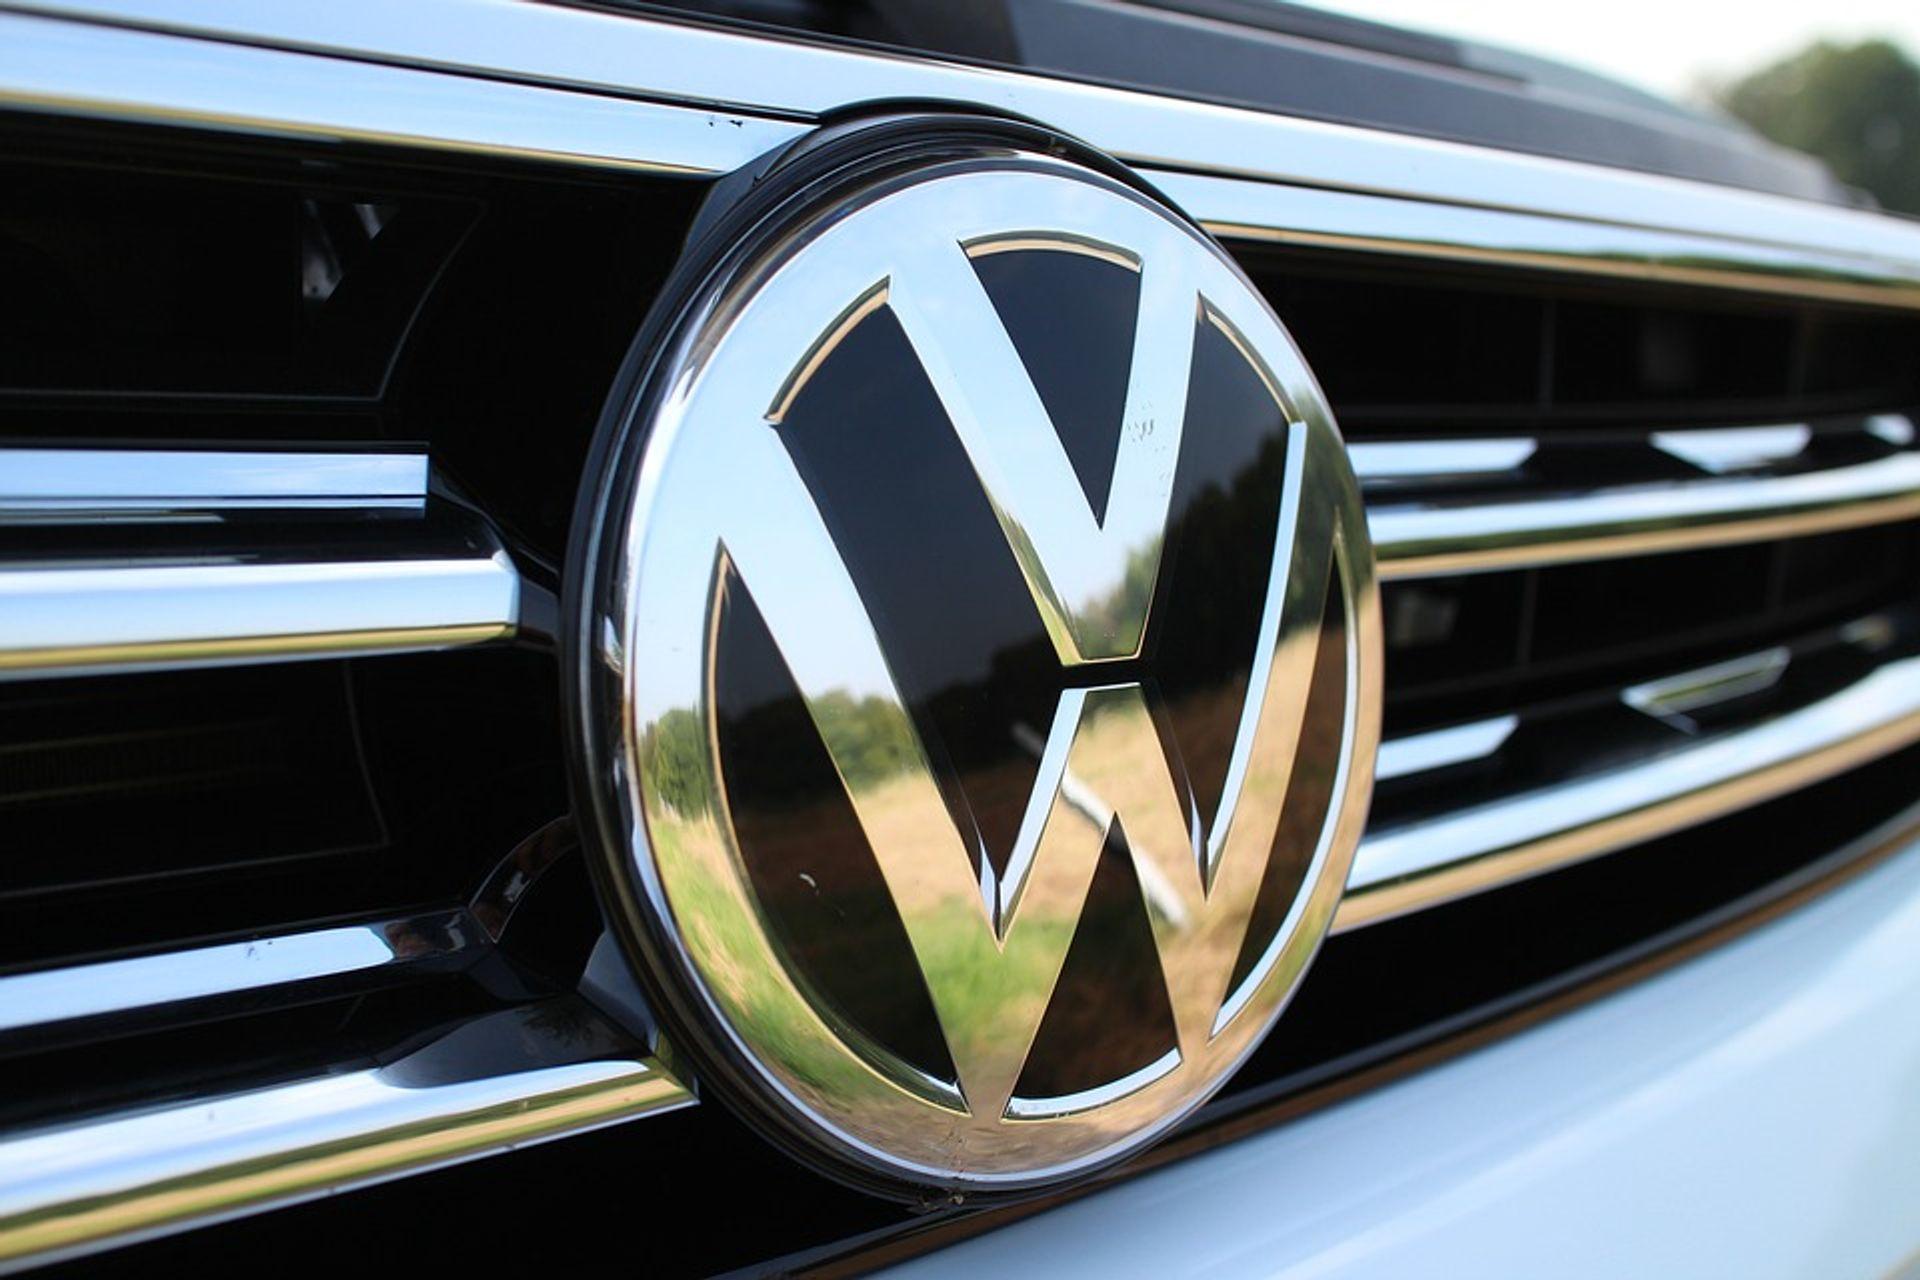 [Dolny Śląsk] Niemiecki poddostawca VW planuje inwestycję w okolicach Legnicy